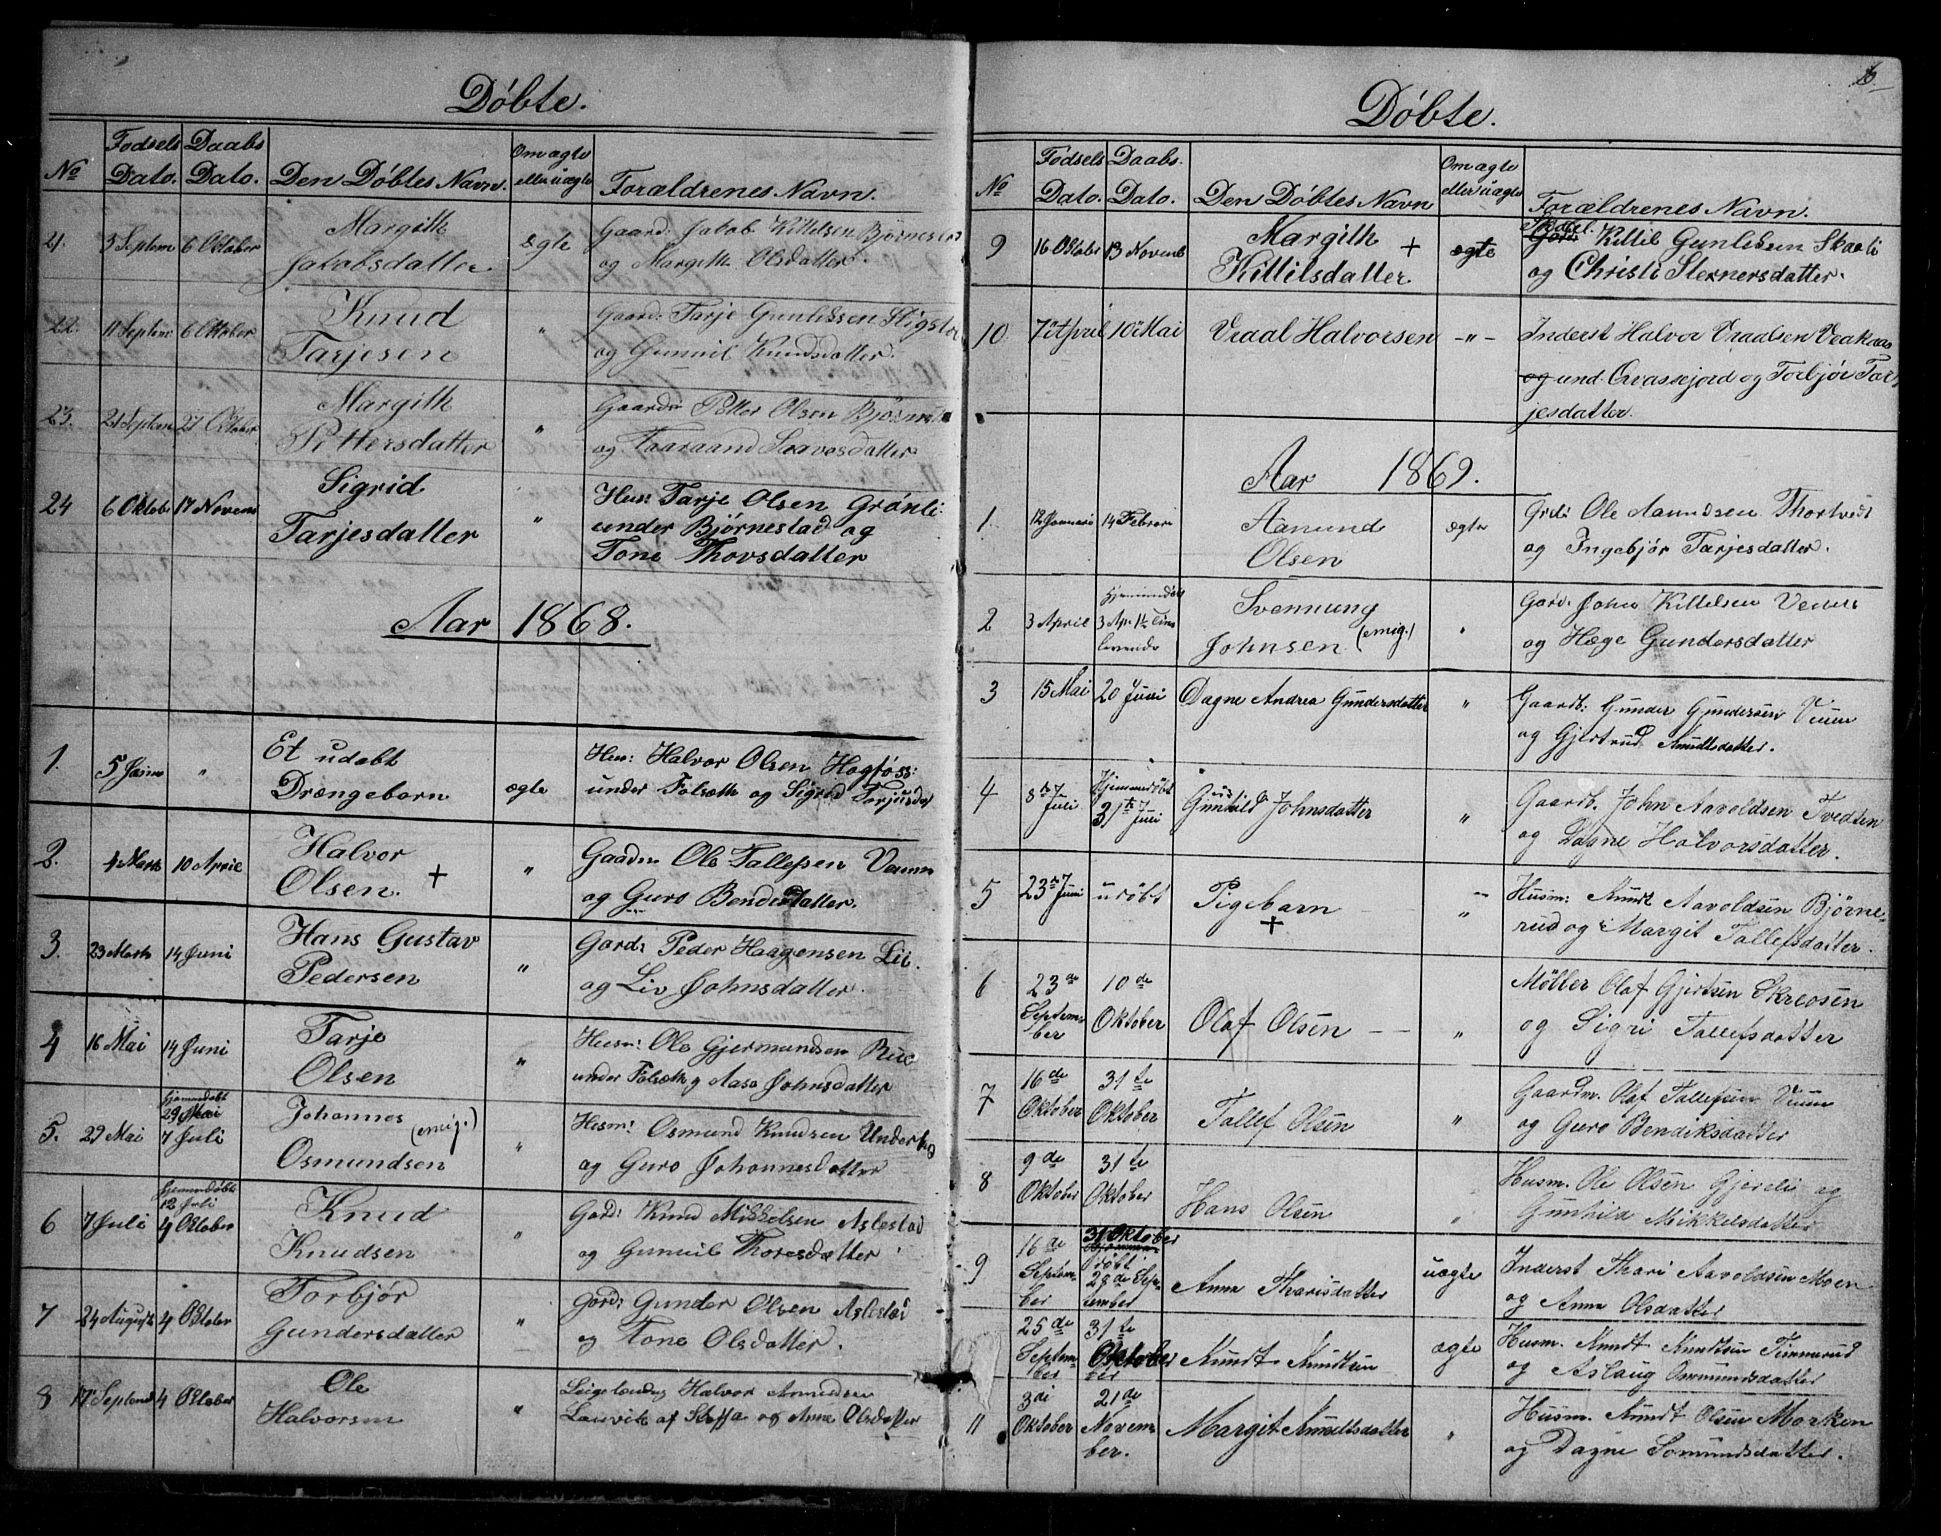 SAKO, Fyresdal kirkebøker, G/Gb/L0001: Klokkerbok nr. II 1, 1864-1890, s. 6